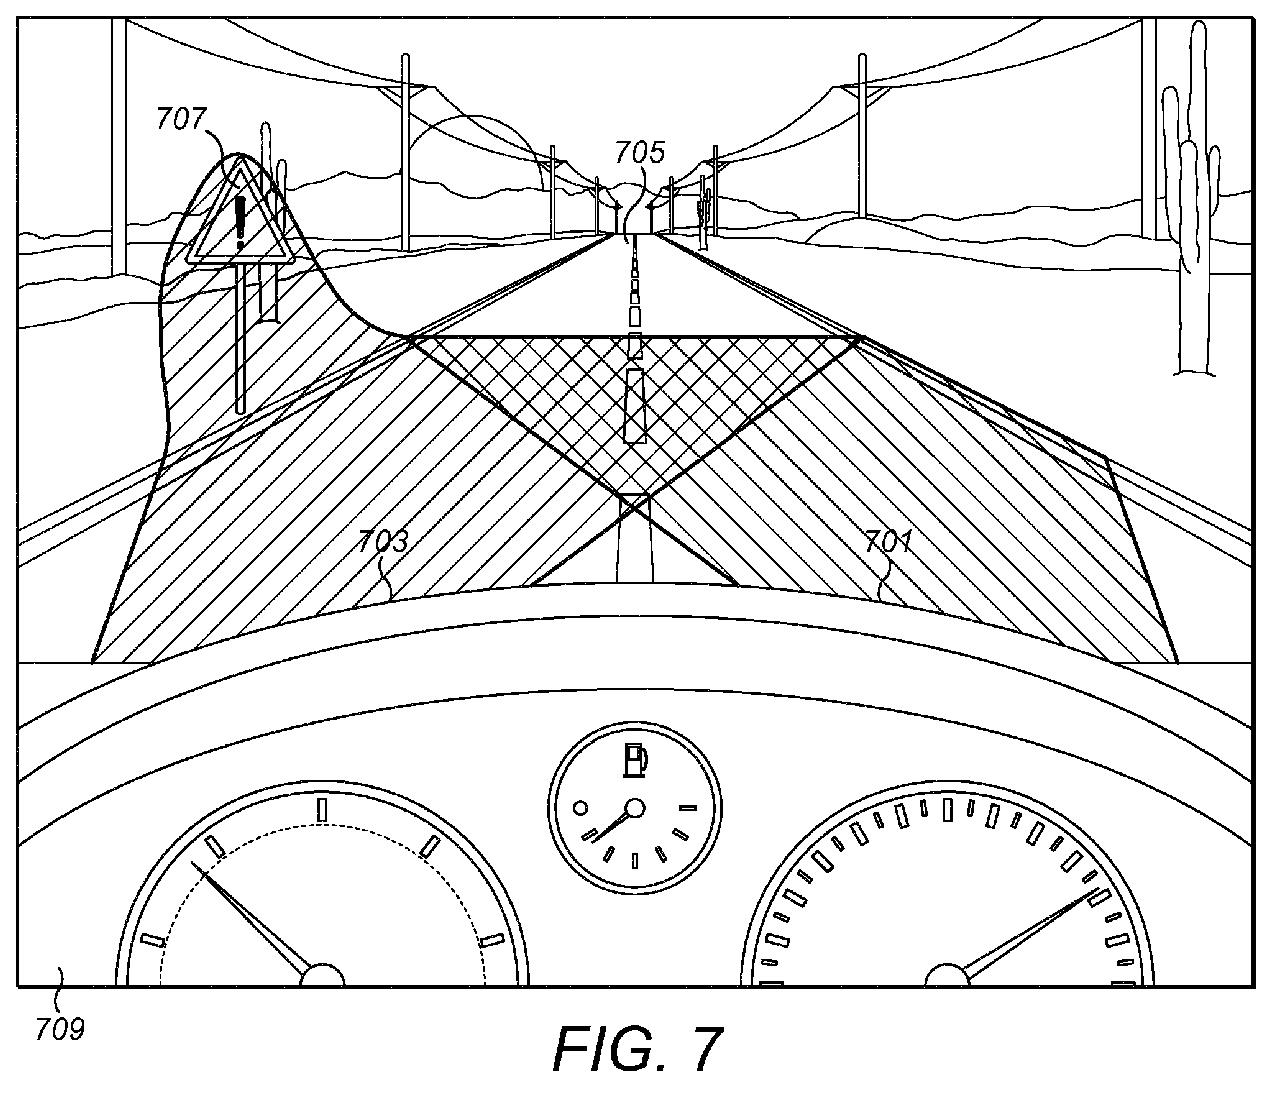 Ep3165815a1 A Light Detection And Ranging Sytem Lidar As Part Of Design Laserdiode Driver For Range Finder Applications Ee Times Figure Imgaf001